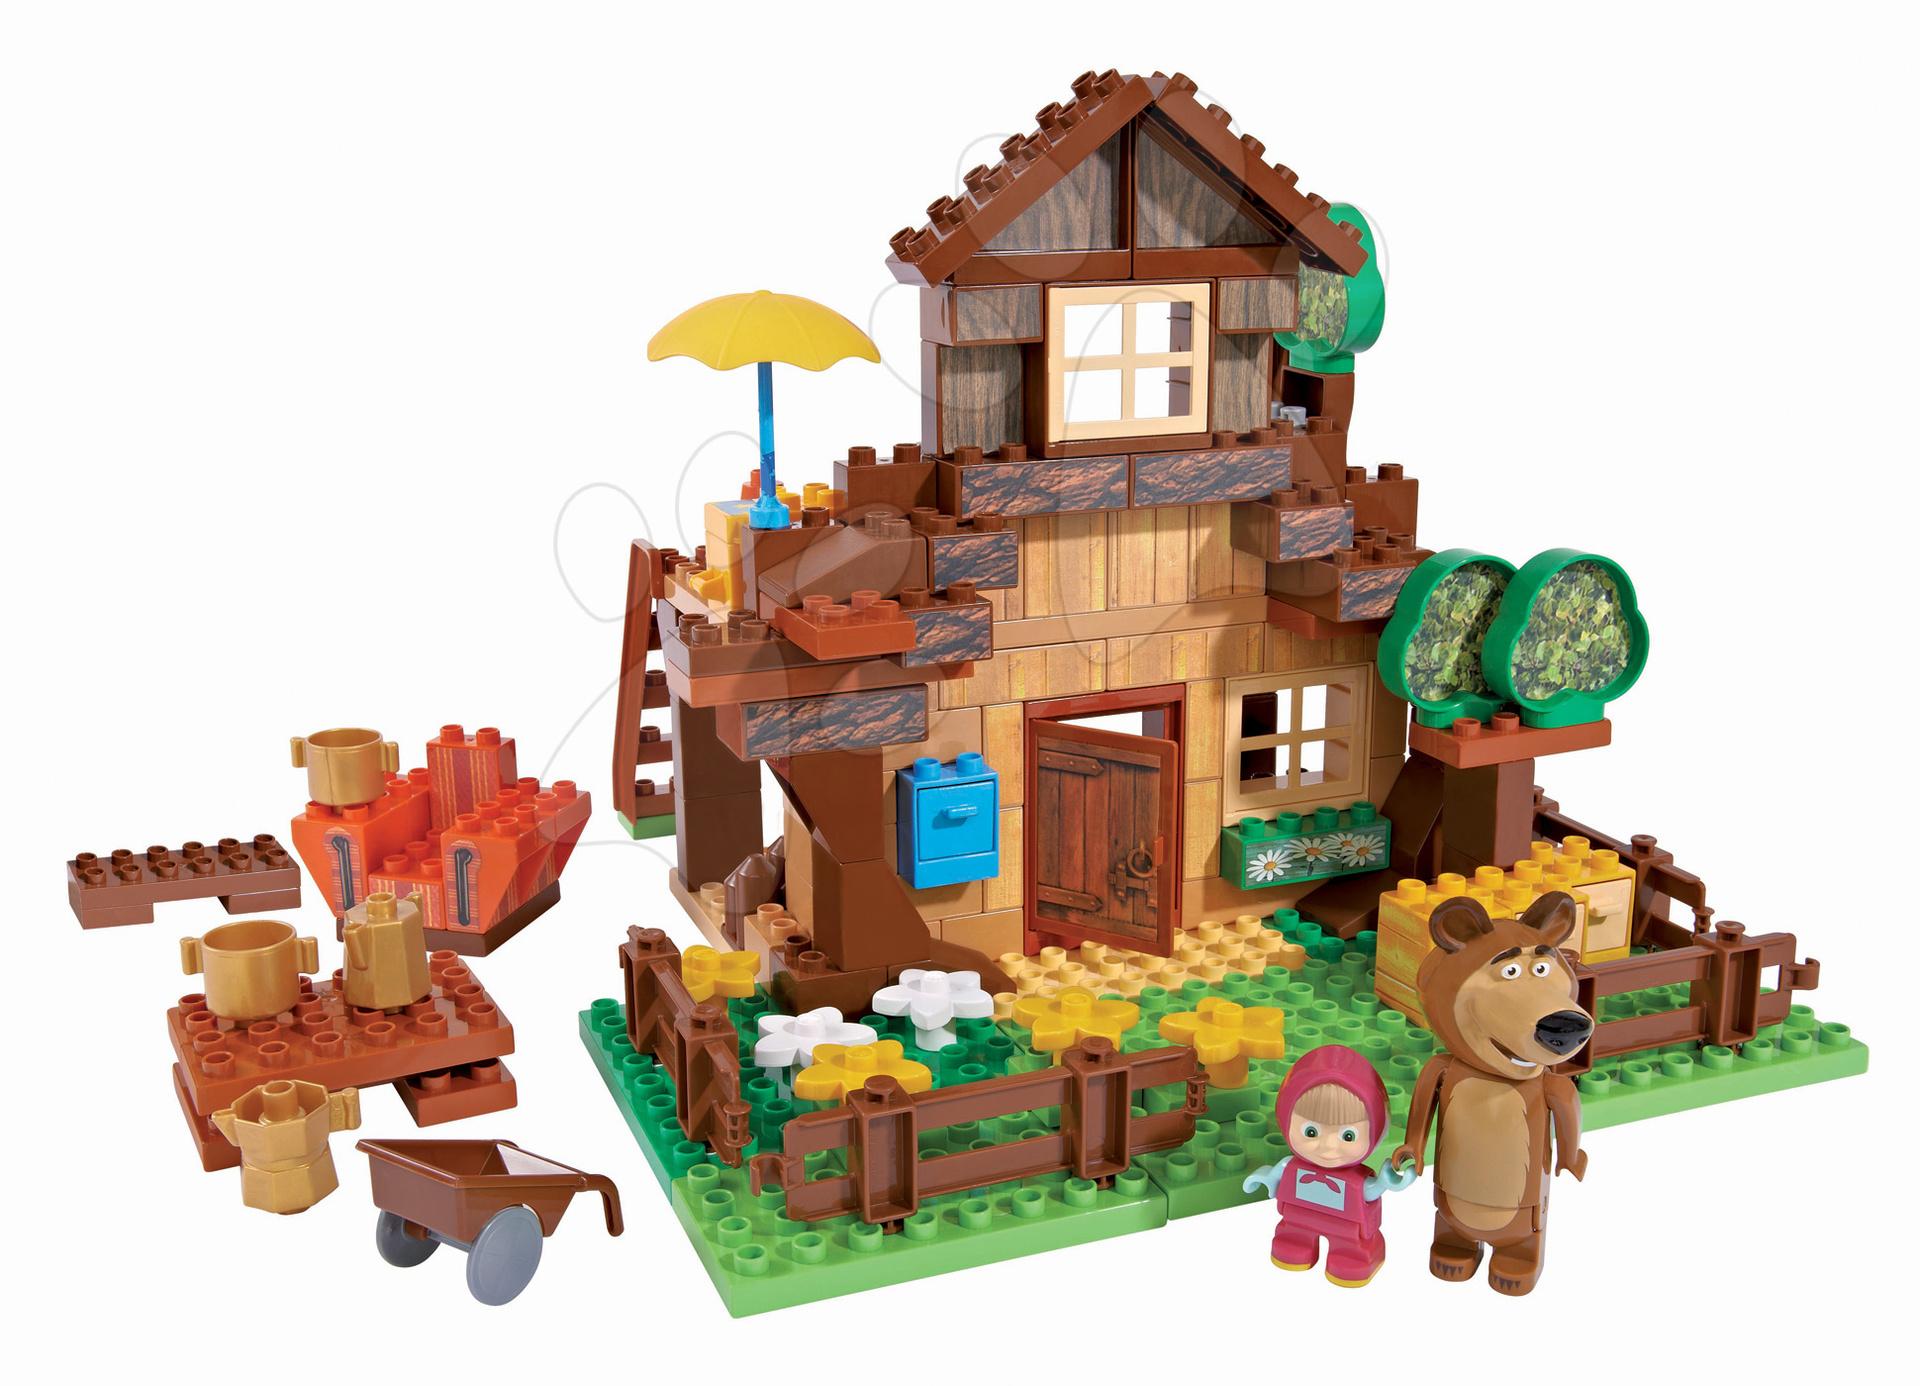 Stavebnice Máša a medvěd v horském domku PlayBIG Bloxx BIG s 2 figurkami 162 dílů od 1,5-5 let